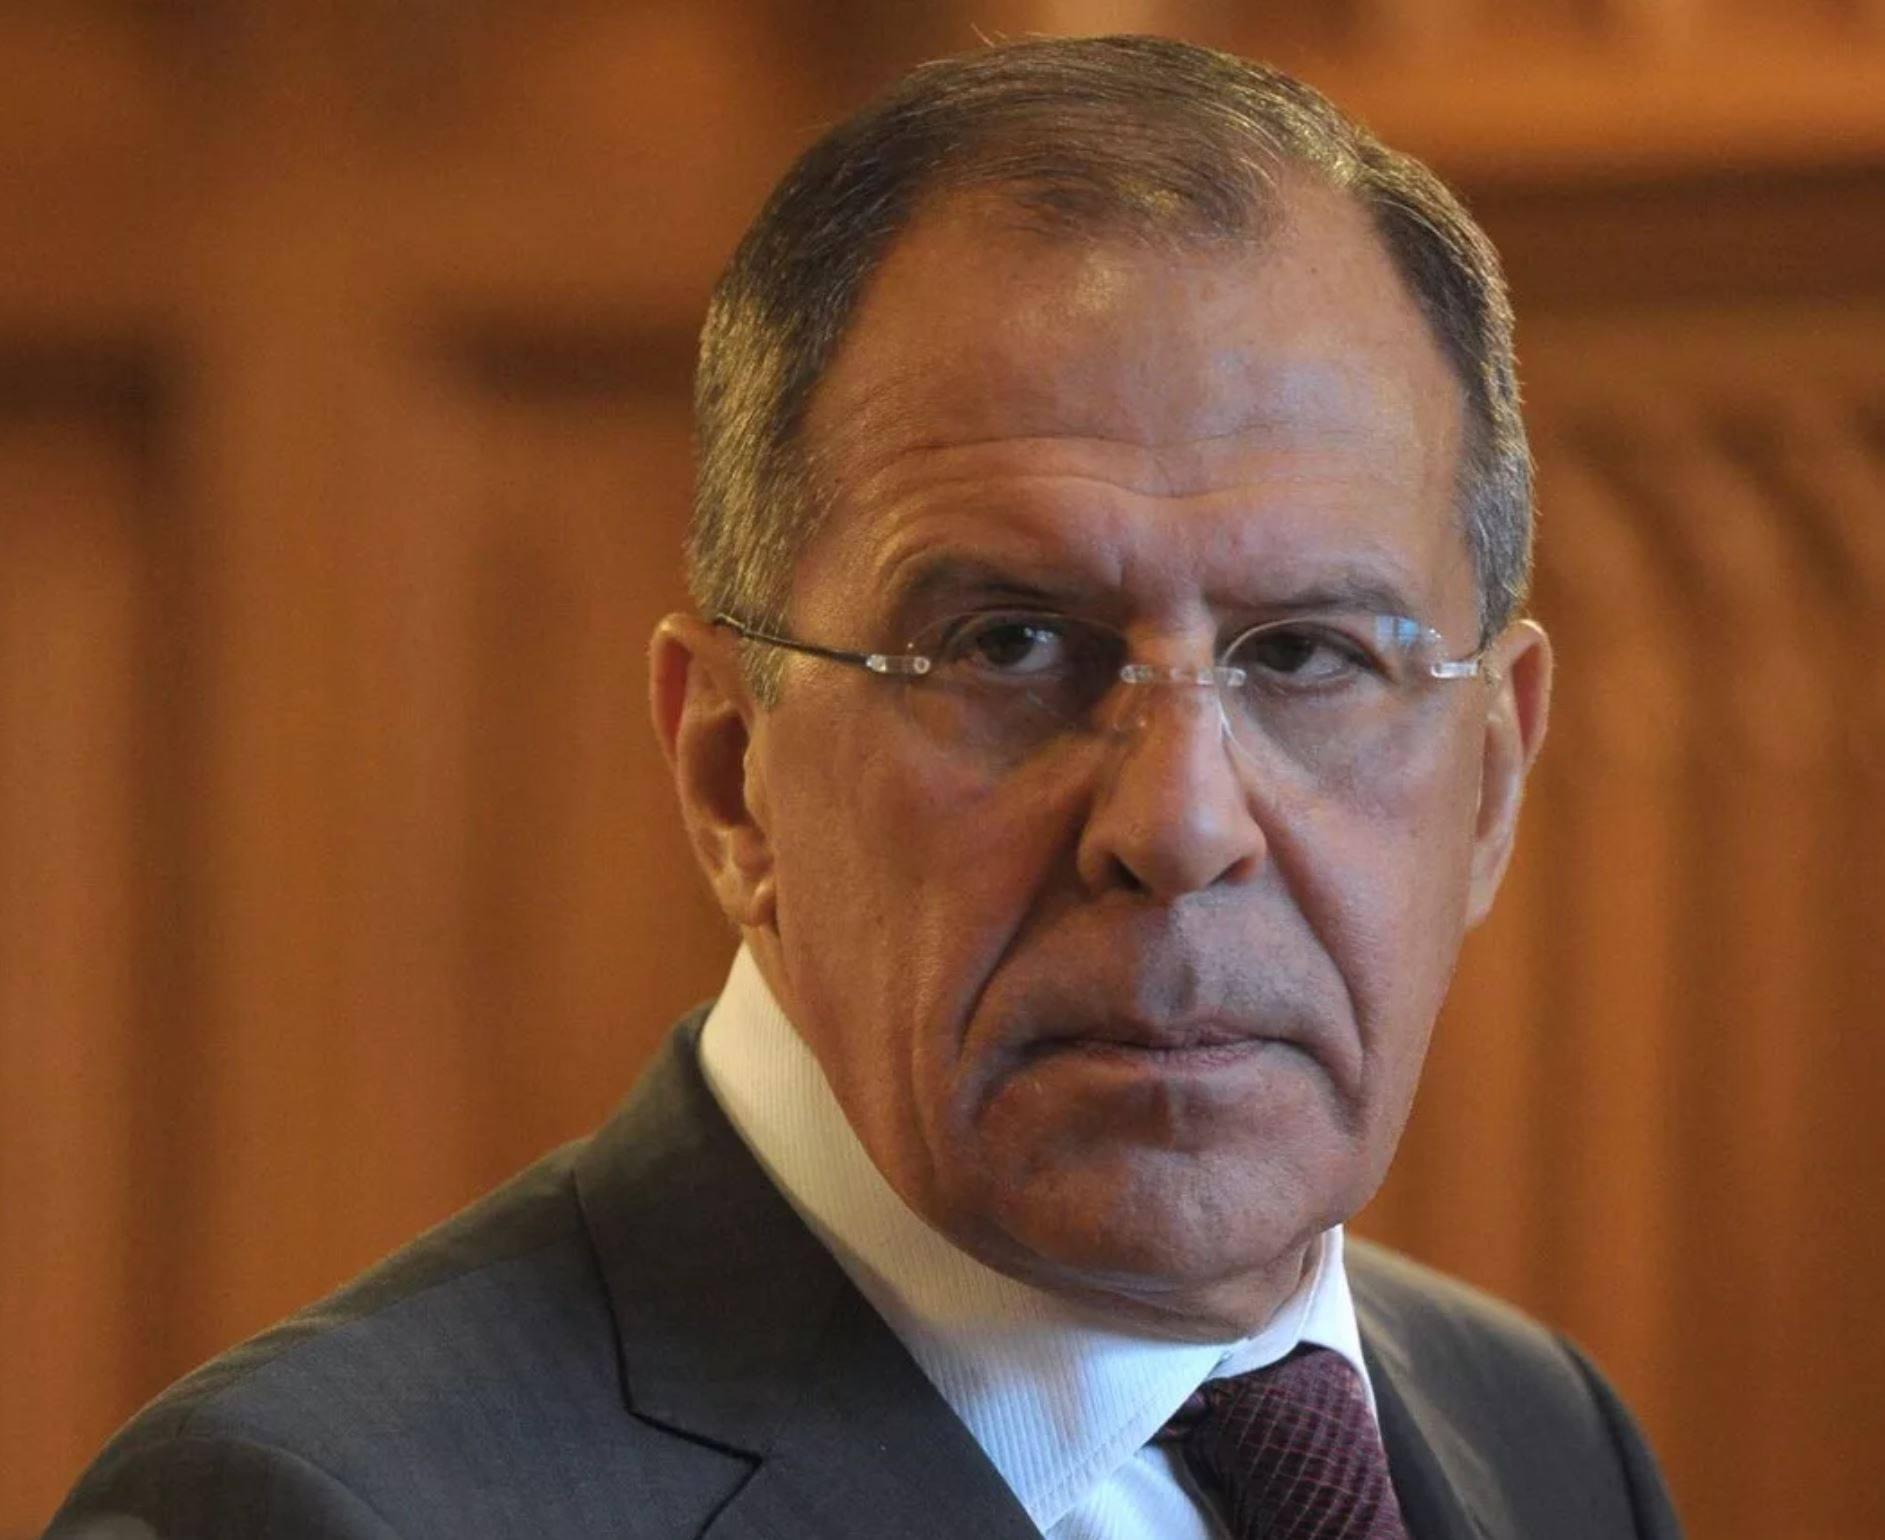 Лавров предложил выработать правила регулирования соцсетей на национальном и международном уровнях